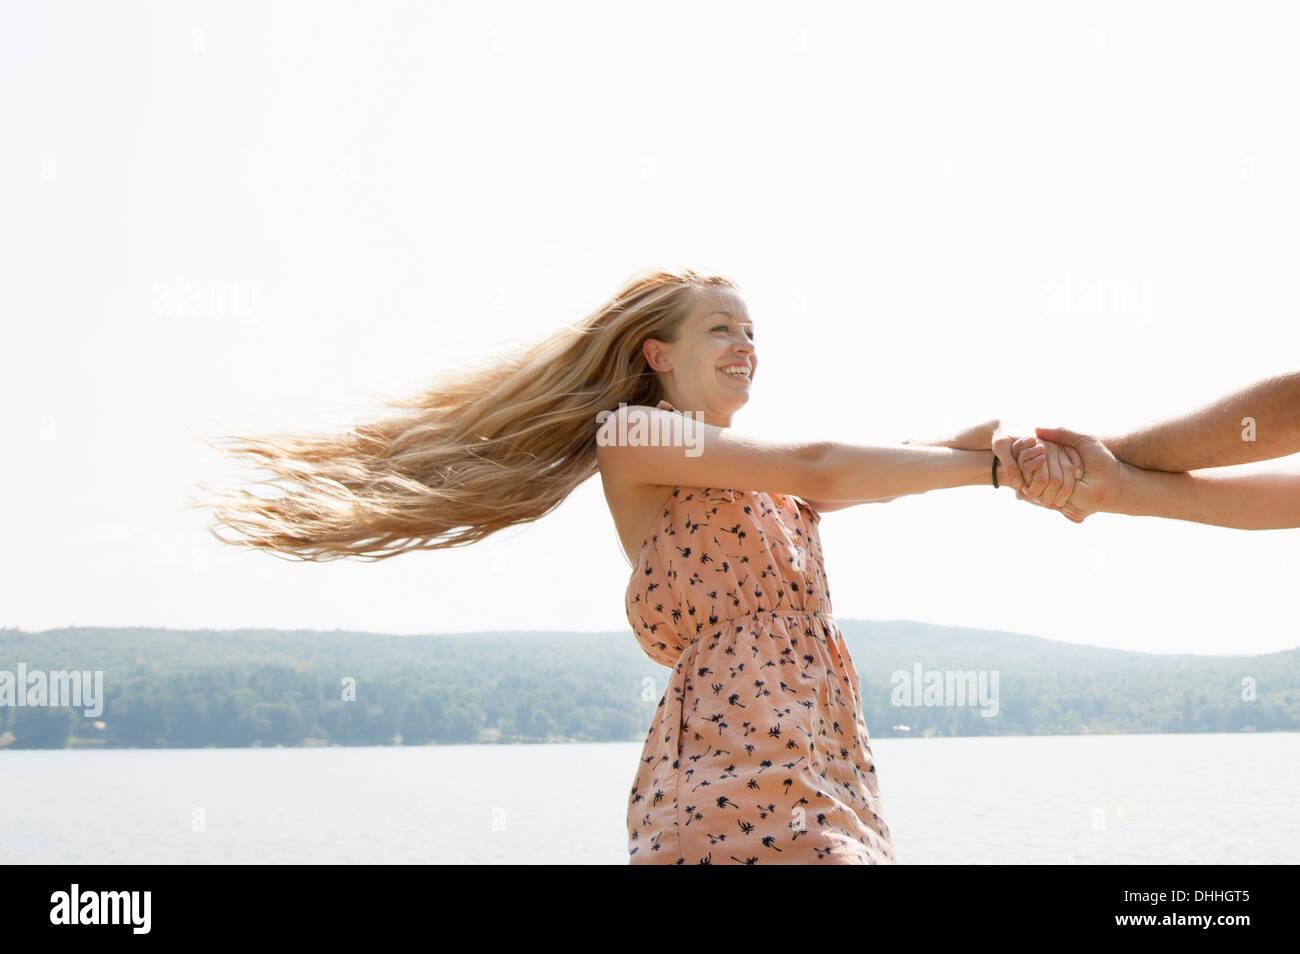 Coppia giovane Holding Hands, donna con capelli lunghi biondi Immagini Stock